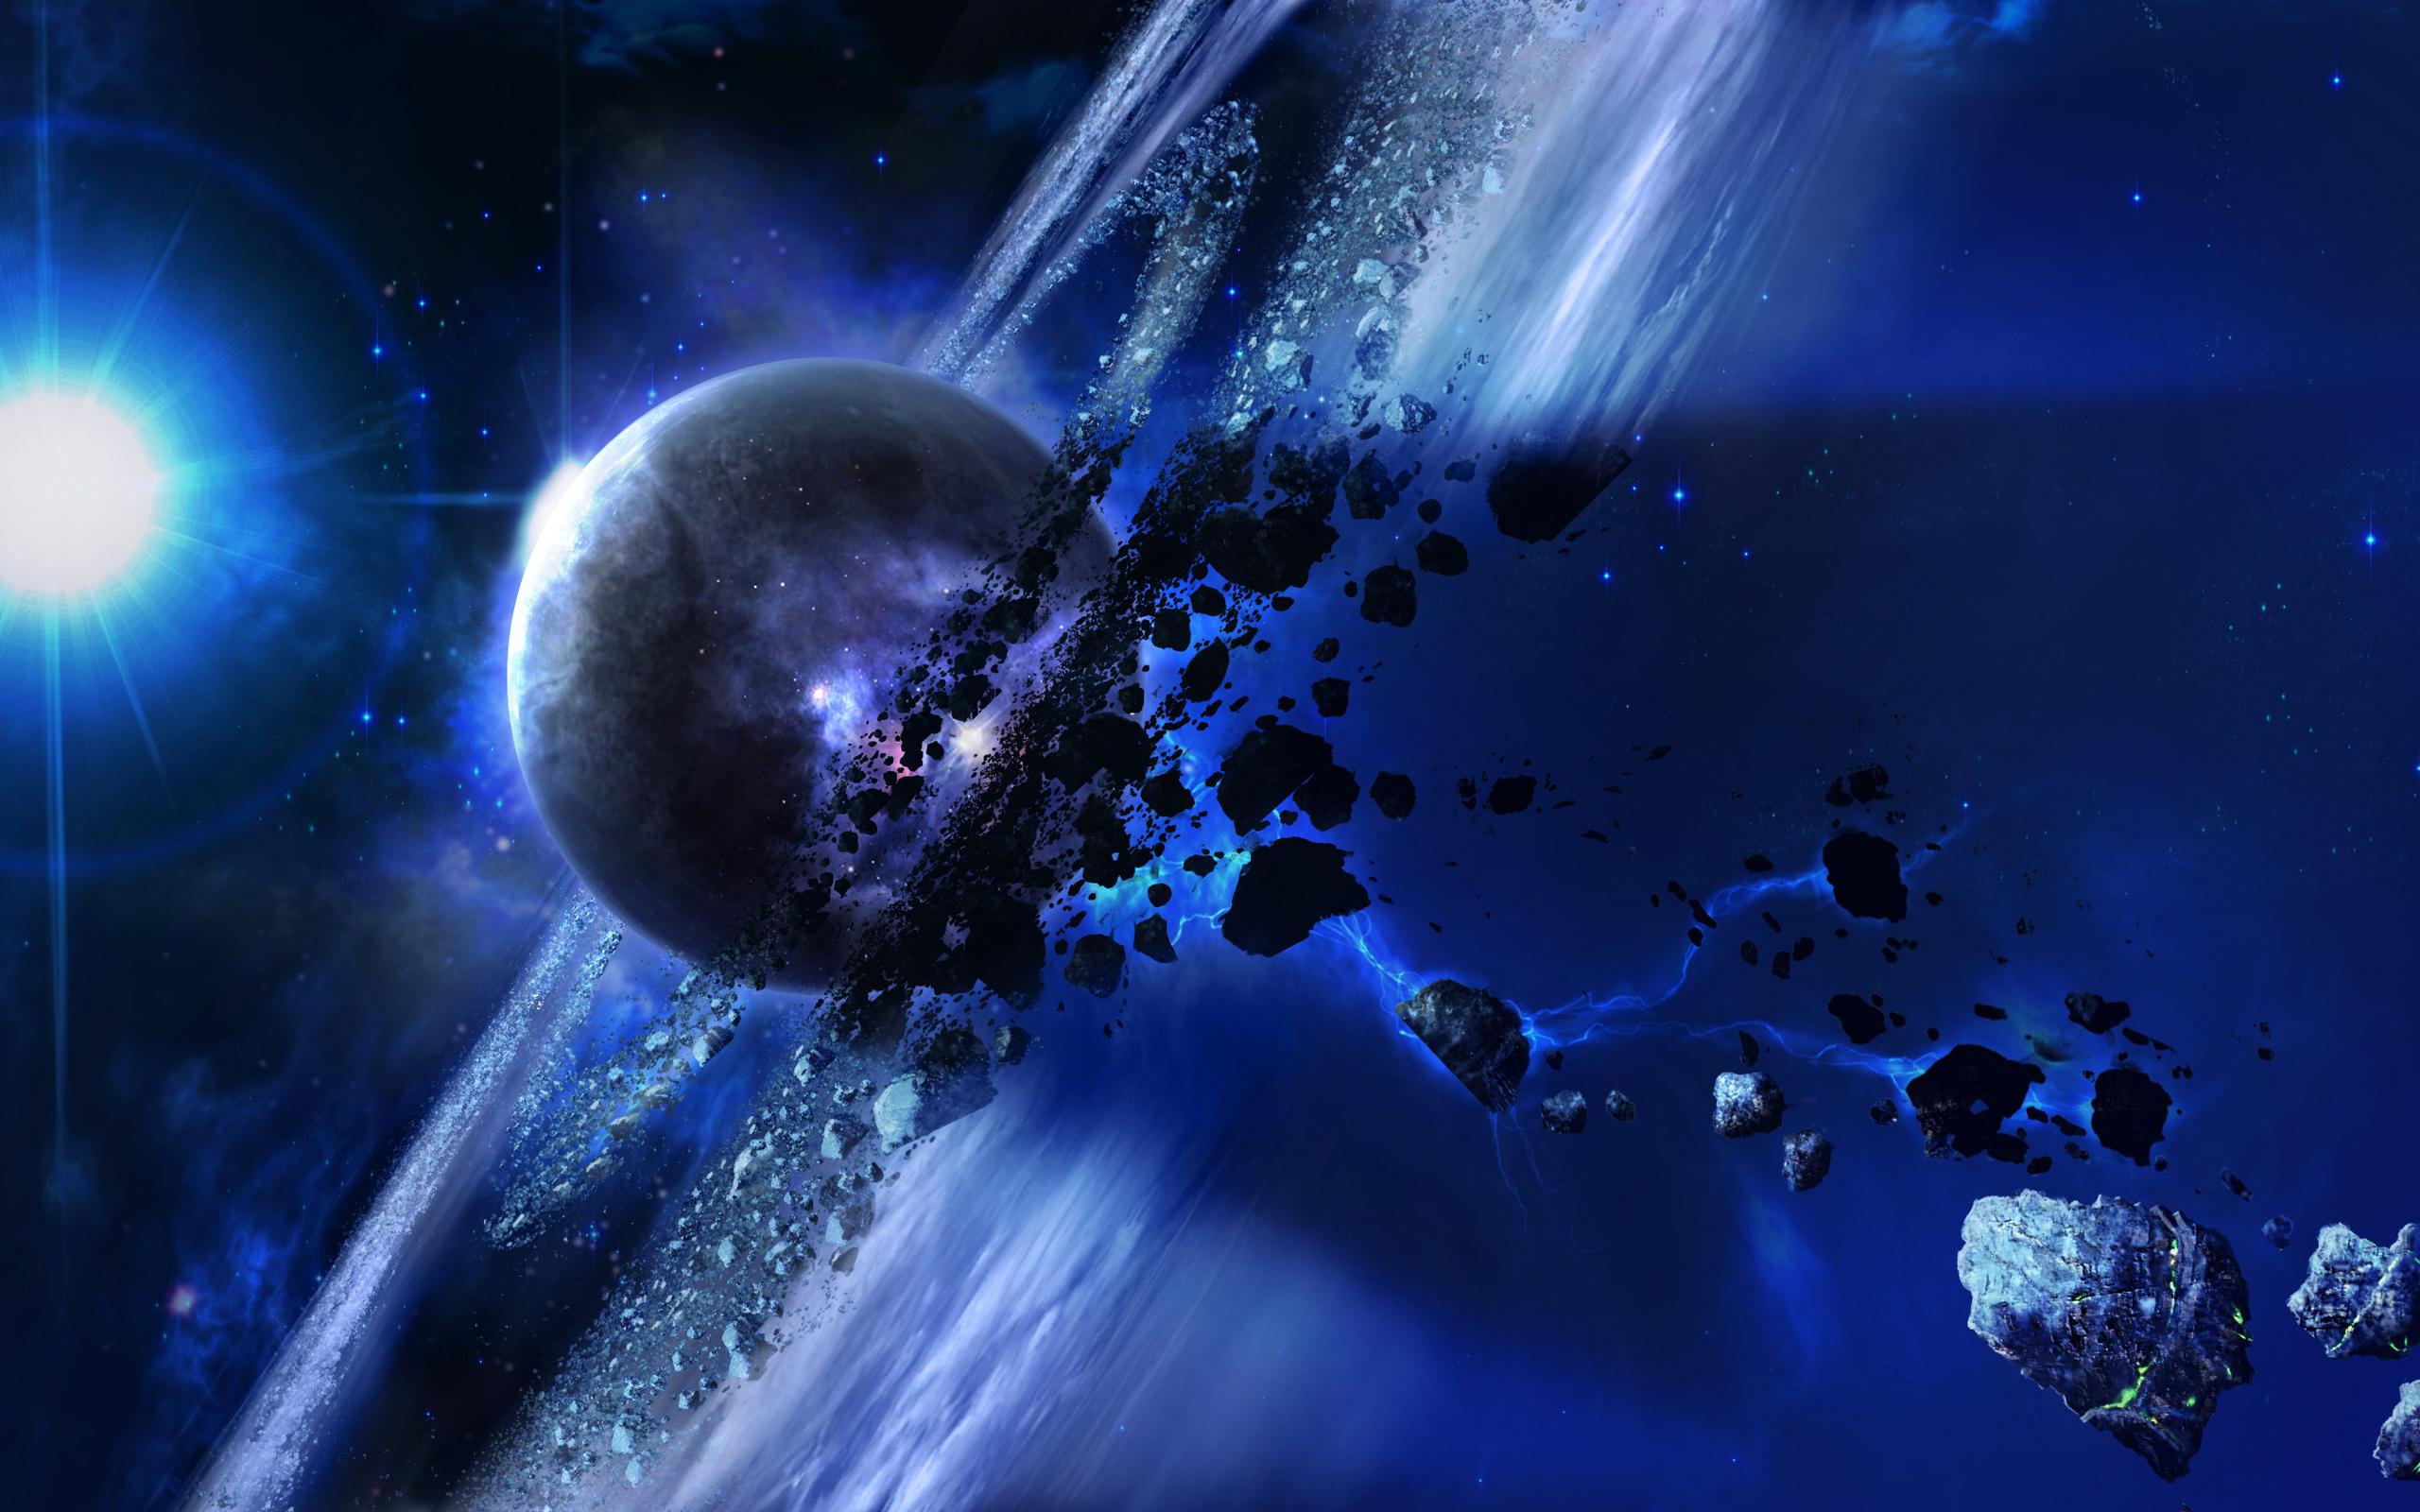 скандал картинки космоса в высоком разрешении ценами алюминиевые потолочные